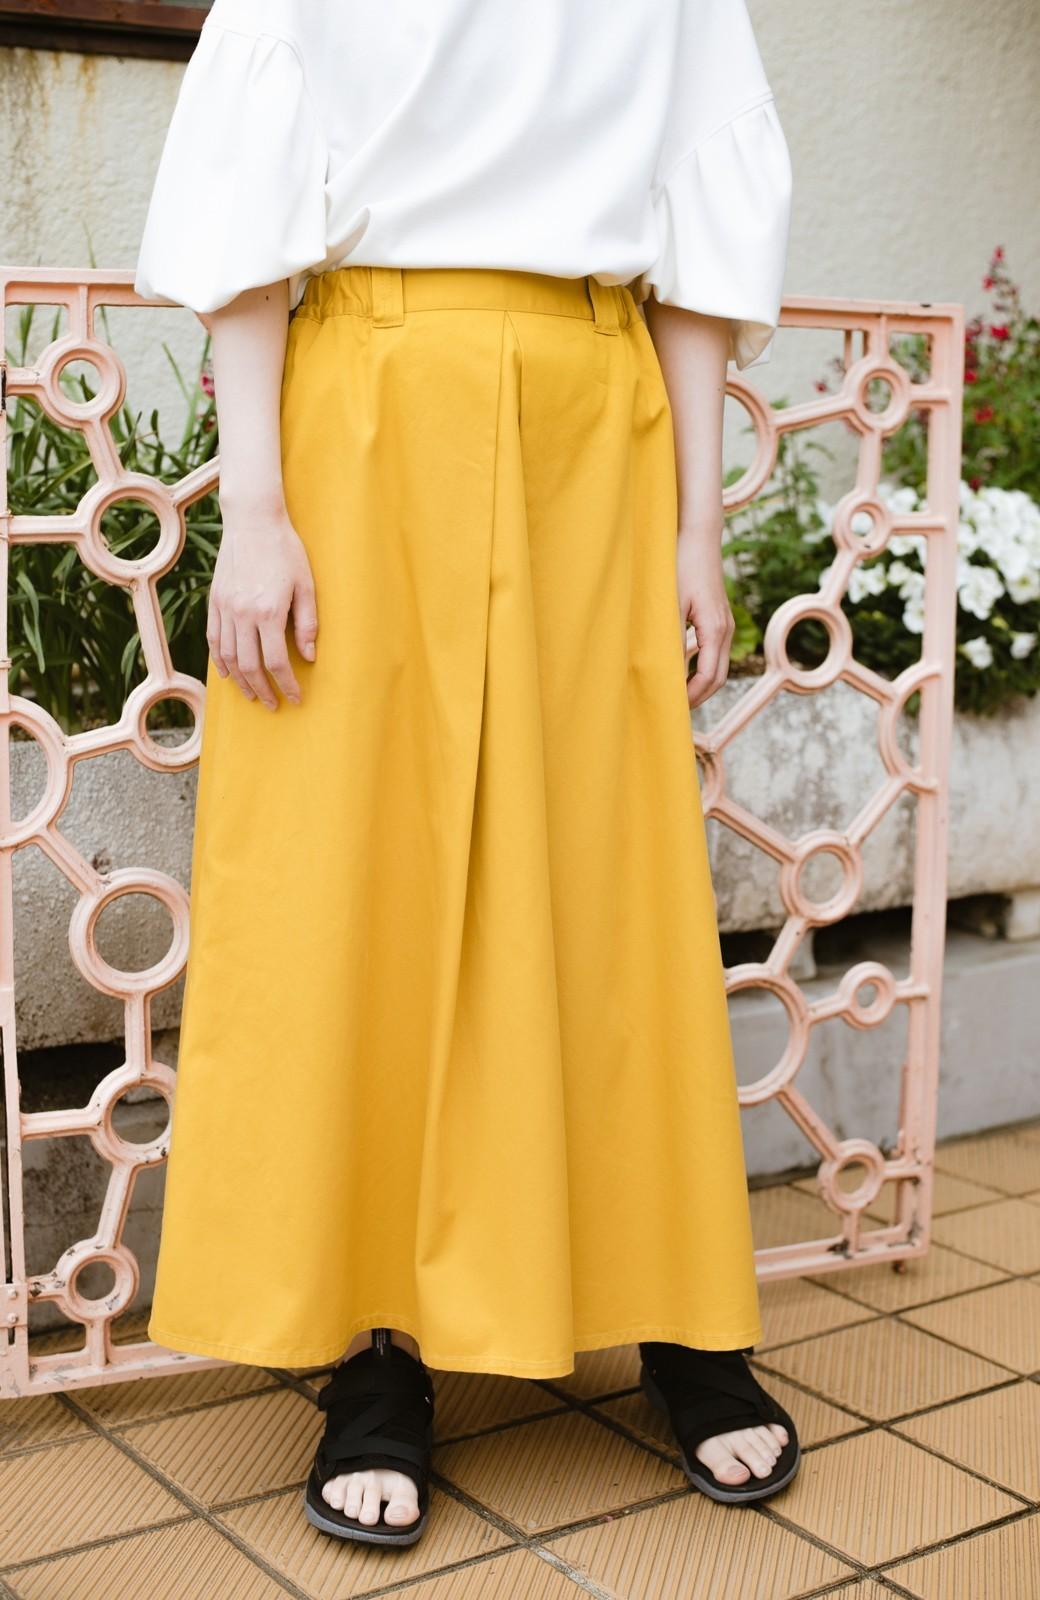 haco! ロングシーズン楽しめる タックボリュームのチノロングスカート <イエロー>の商品写真18